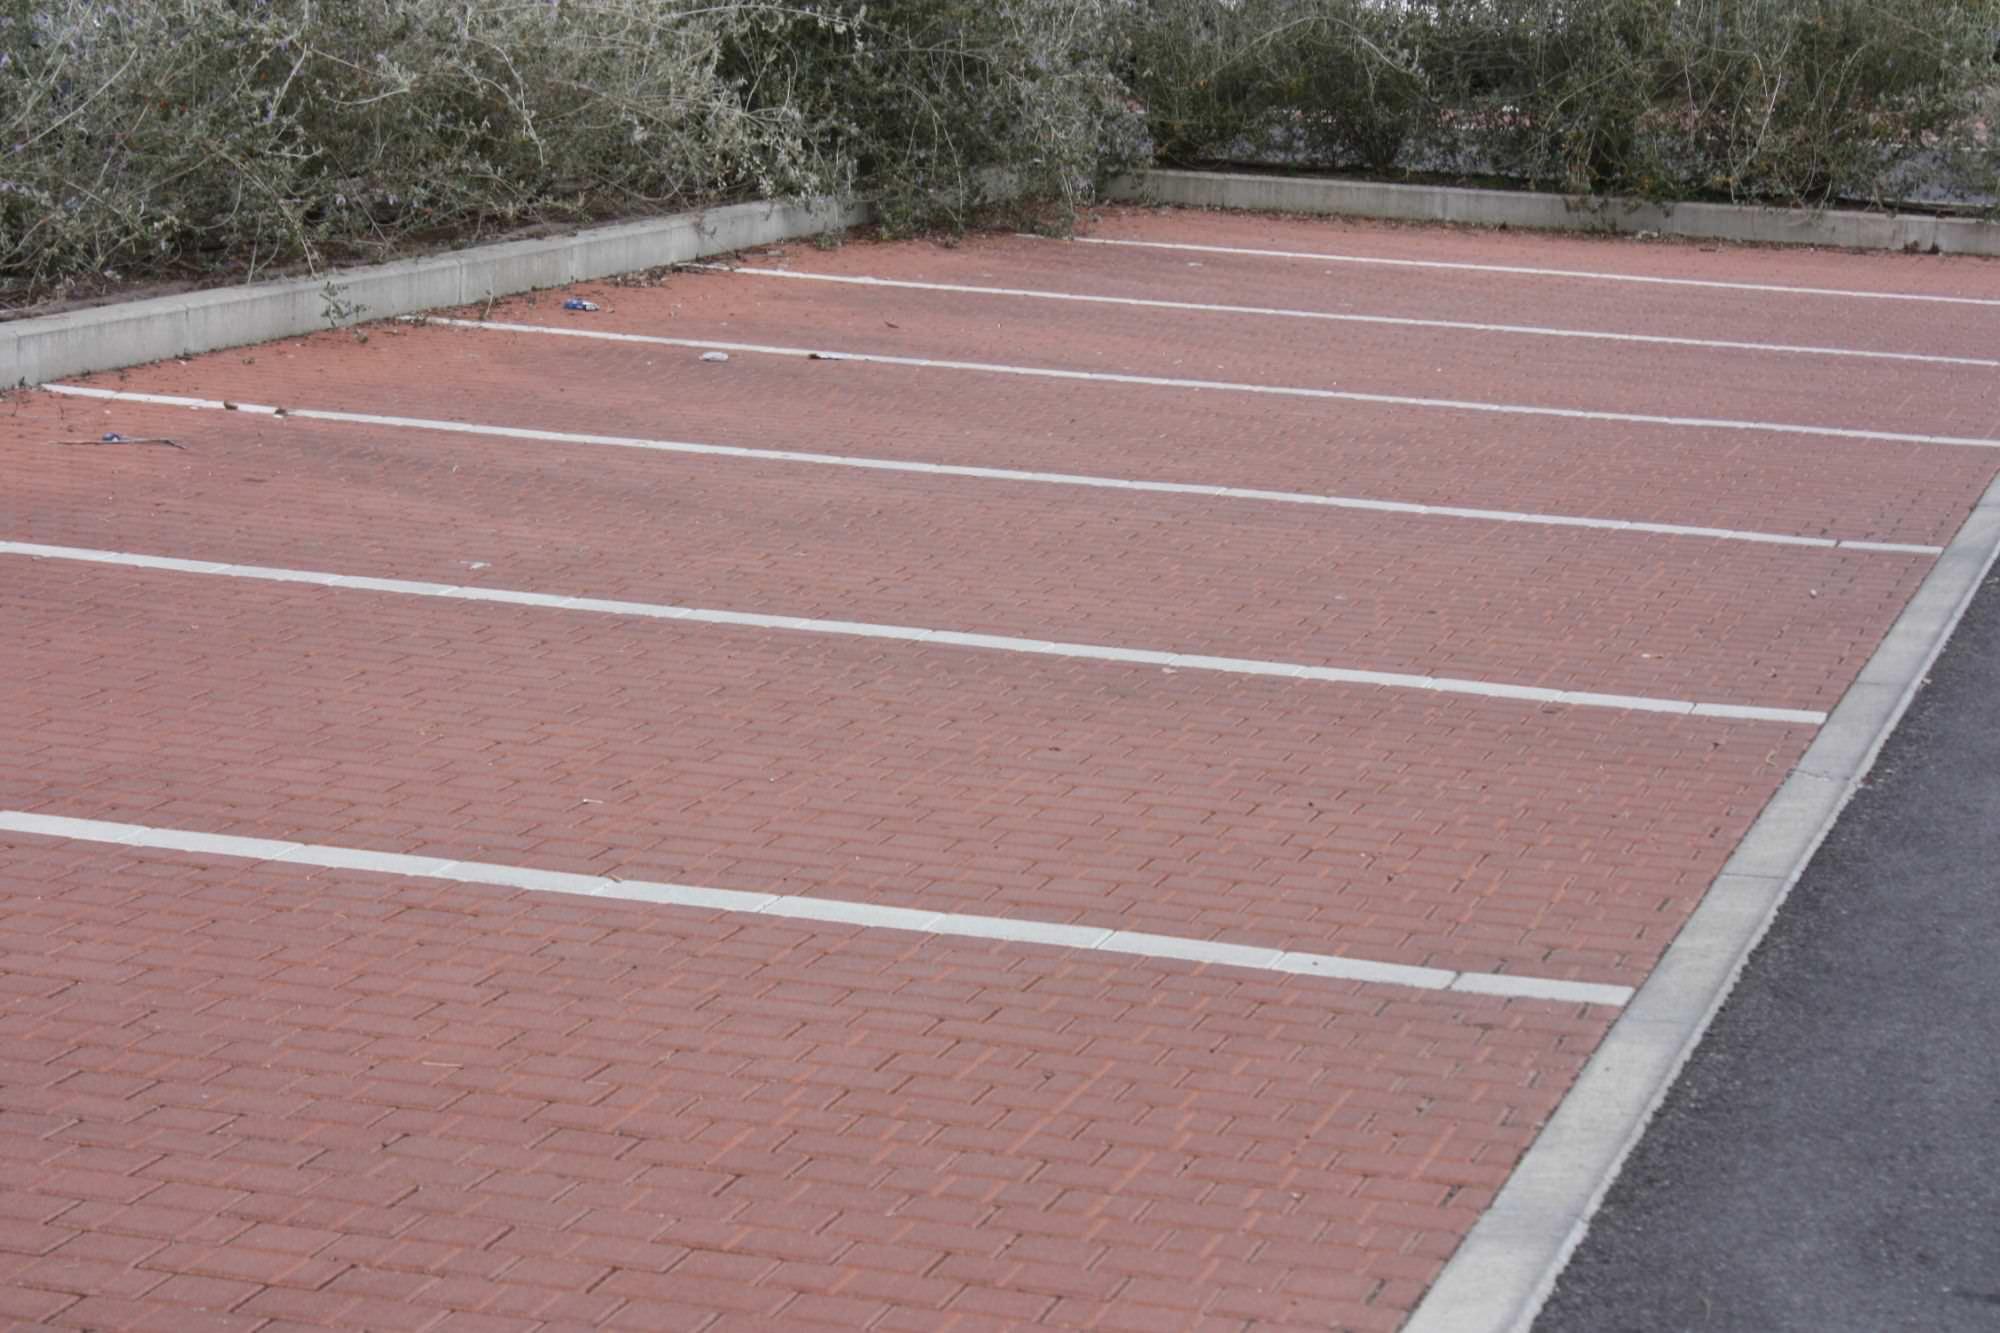 Alberghi, impianti sportivi, parcheggi: ecco cosa cambia a Camaiore